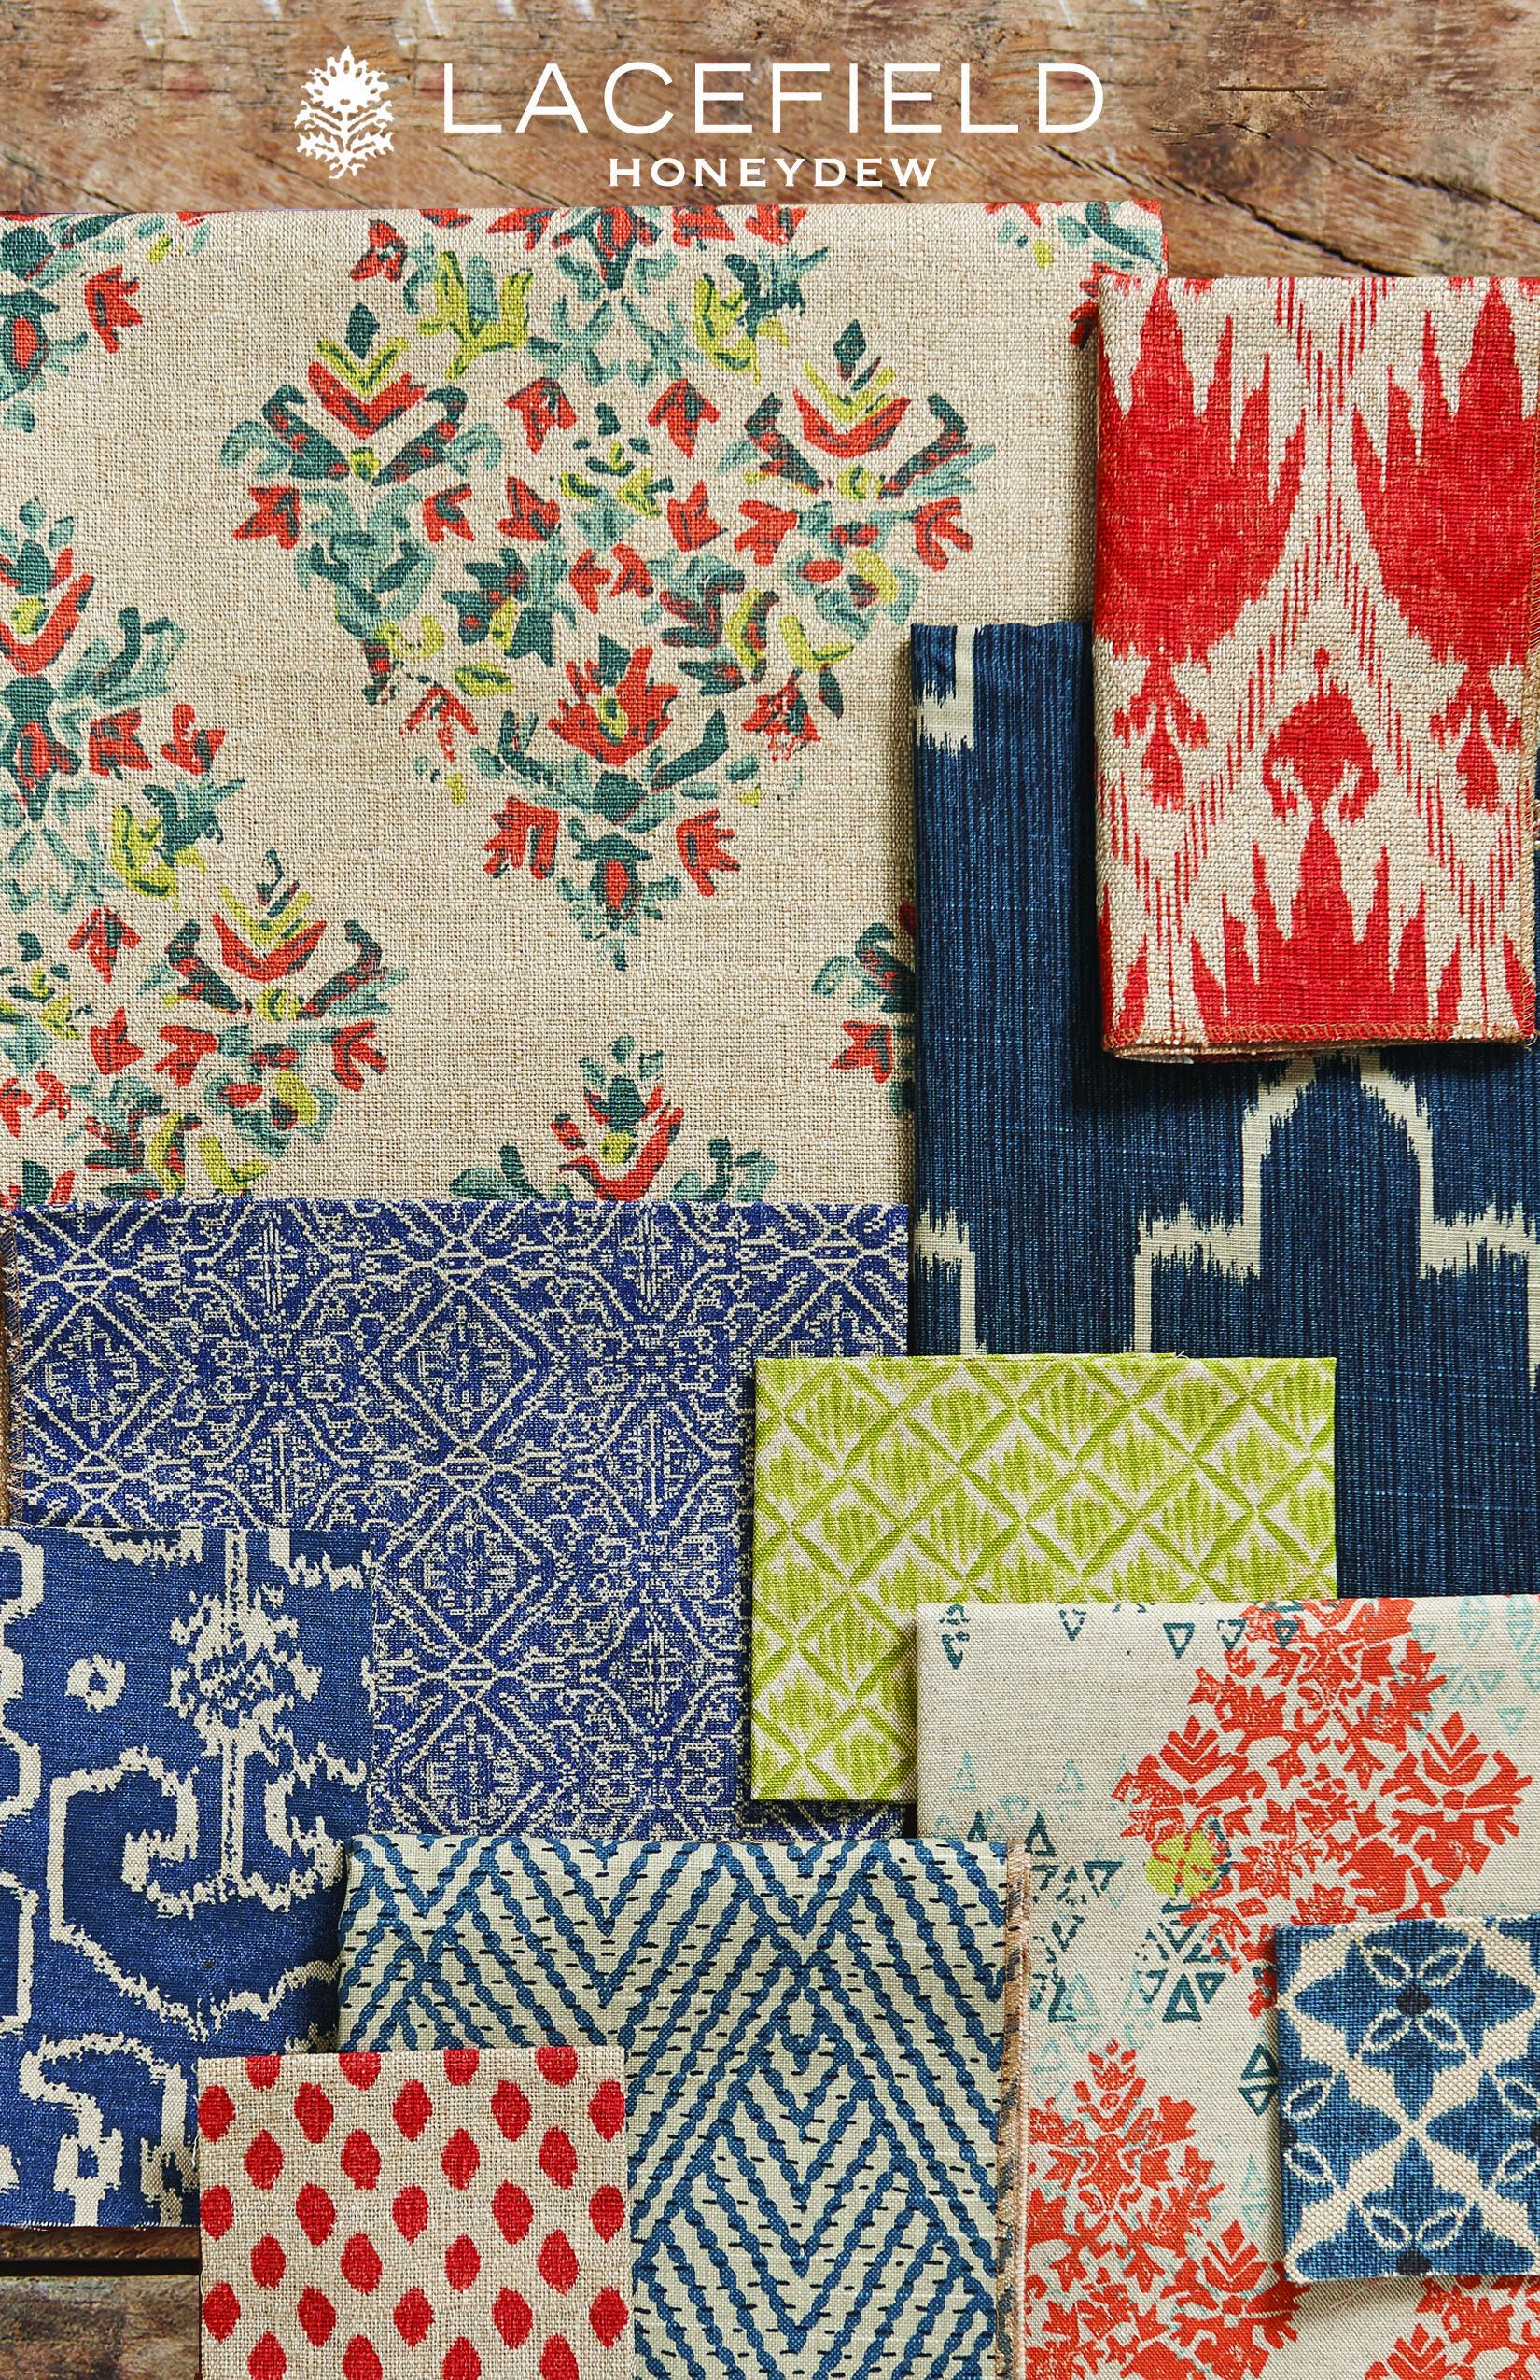 Lacefield Honeydew 2015 Textile Collection Dosemelik Kumaslar Desenler Renkler